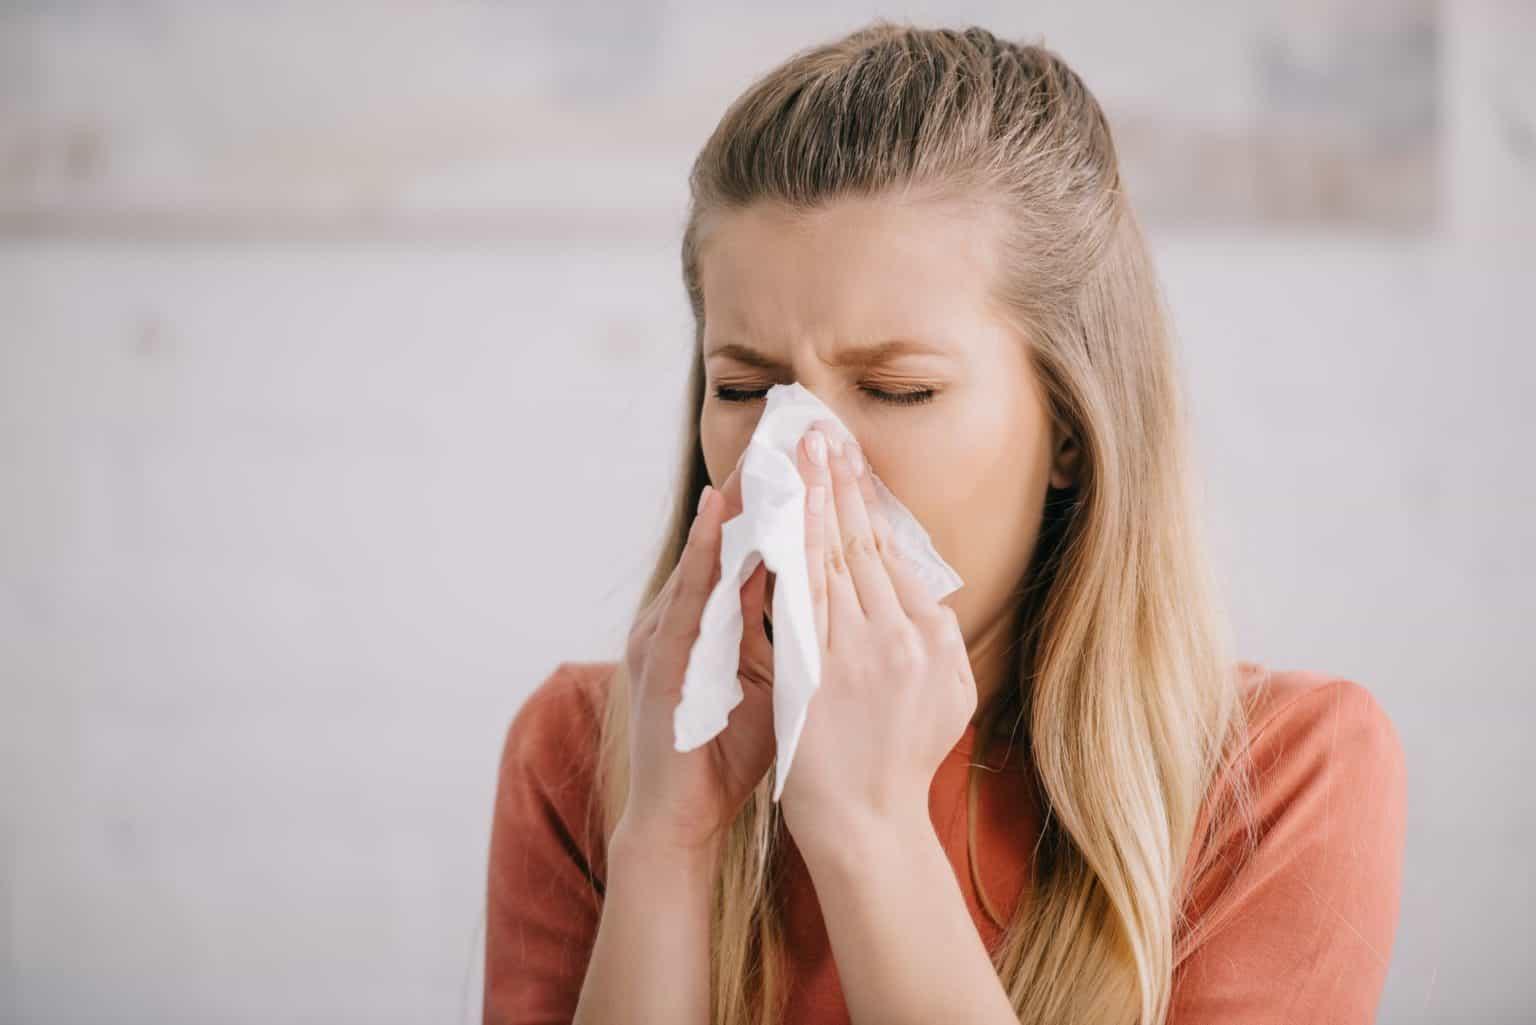 Nasenbluten in der Schwangerschaft: Gefährlich oder harmlose Schwangerschaftsbeschwerde